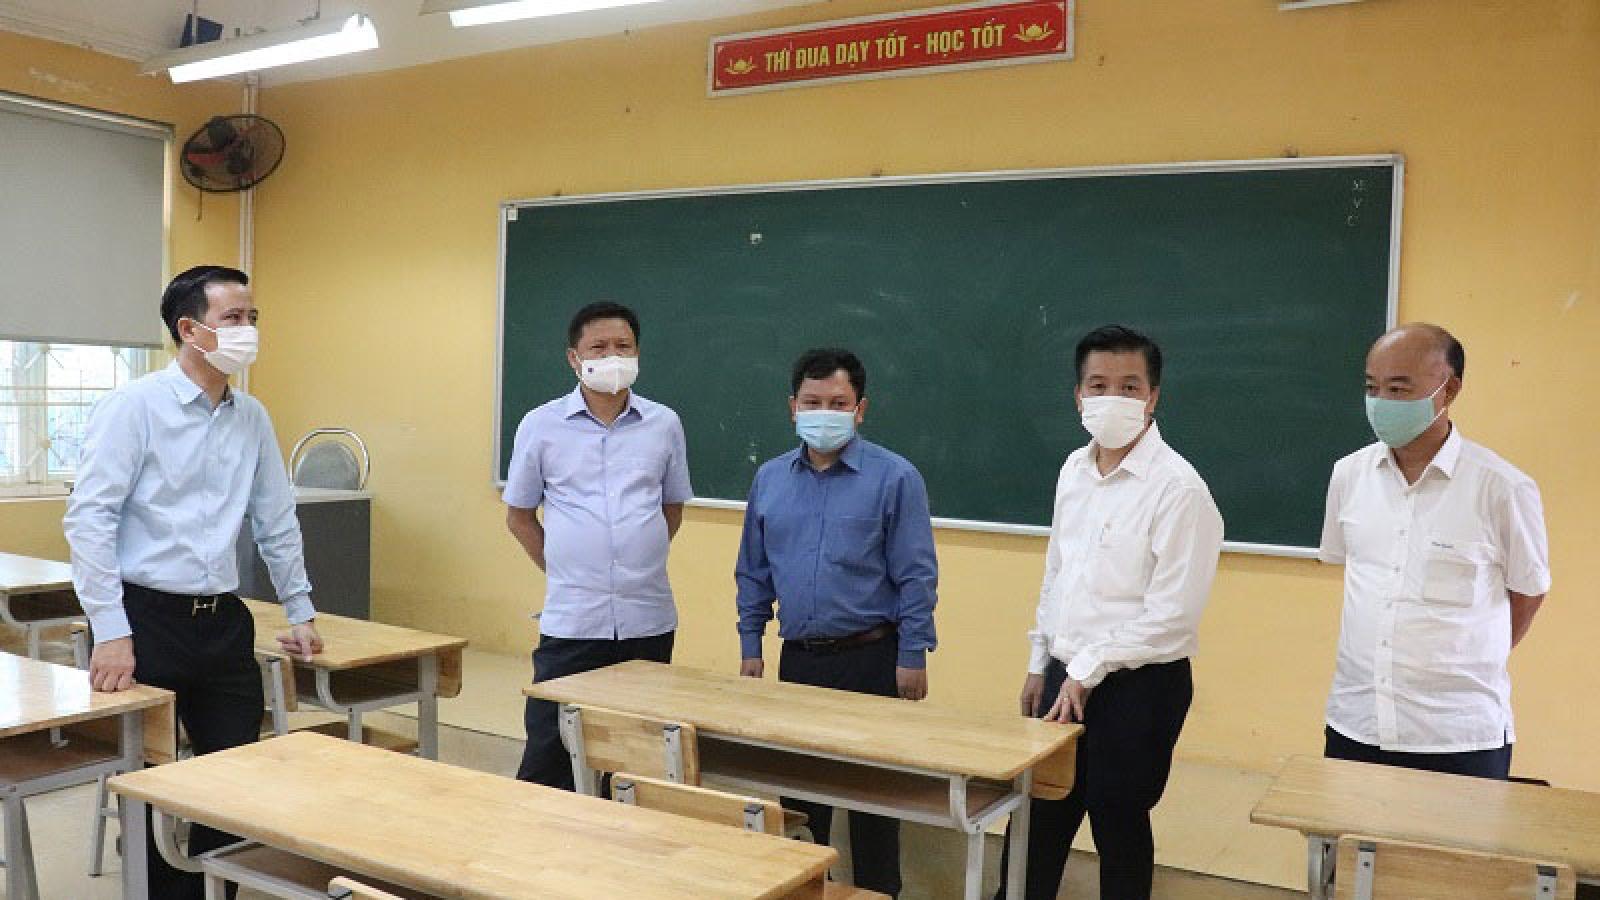 Hà Nội huy động hơn 500 người làm thanh tra thi vào lớp 10